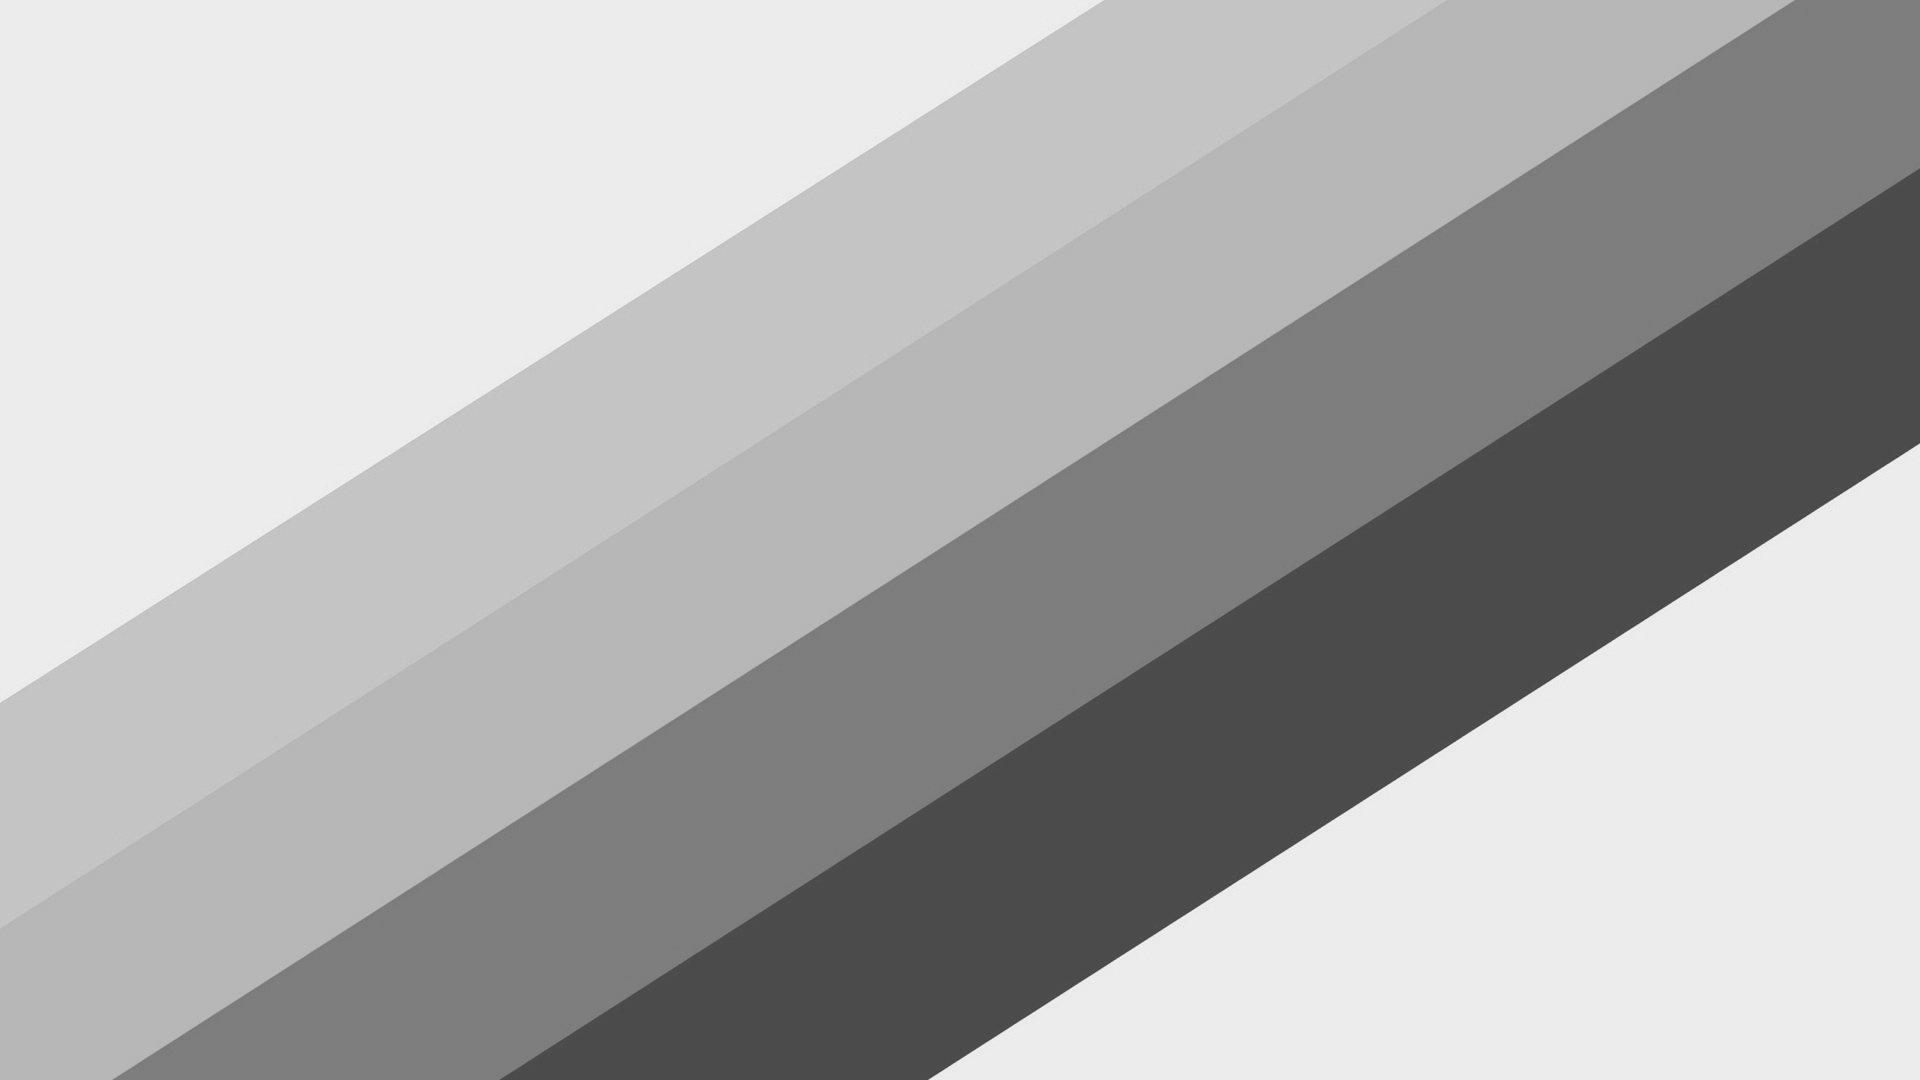 камыша серая и белая картинка популярностью период